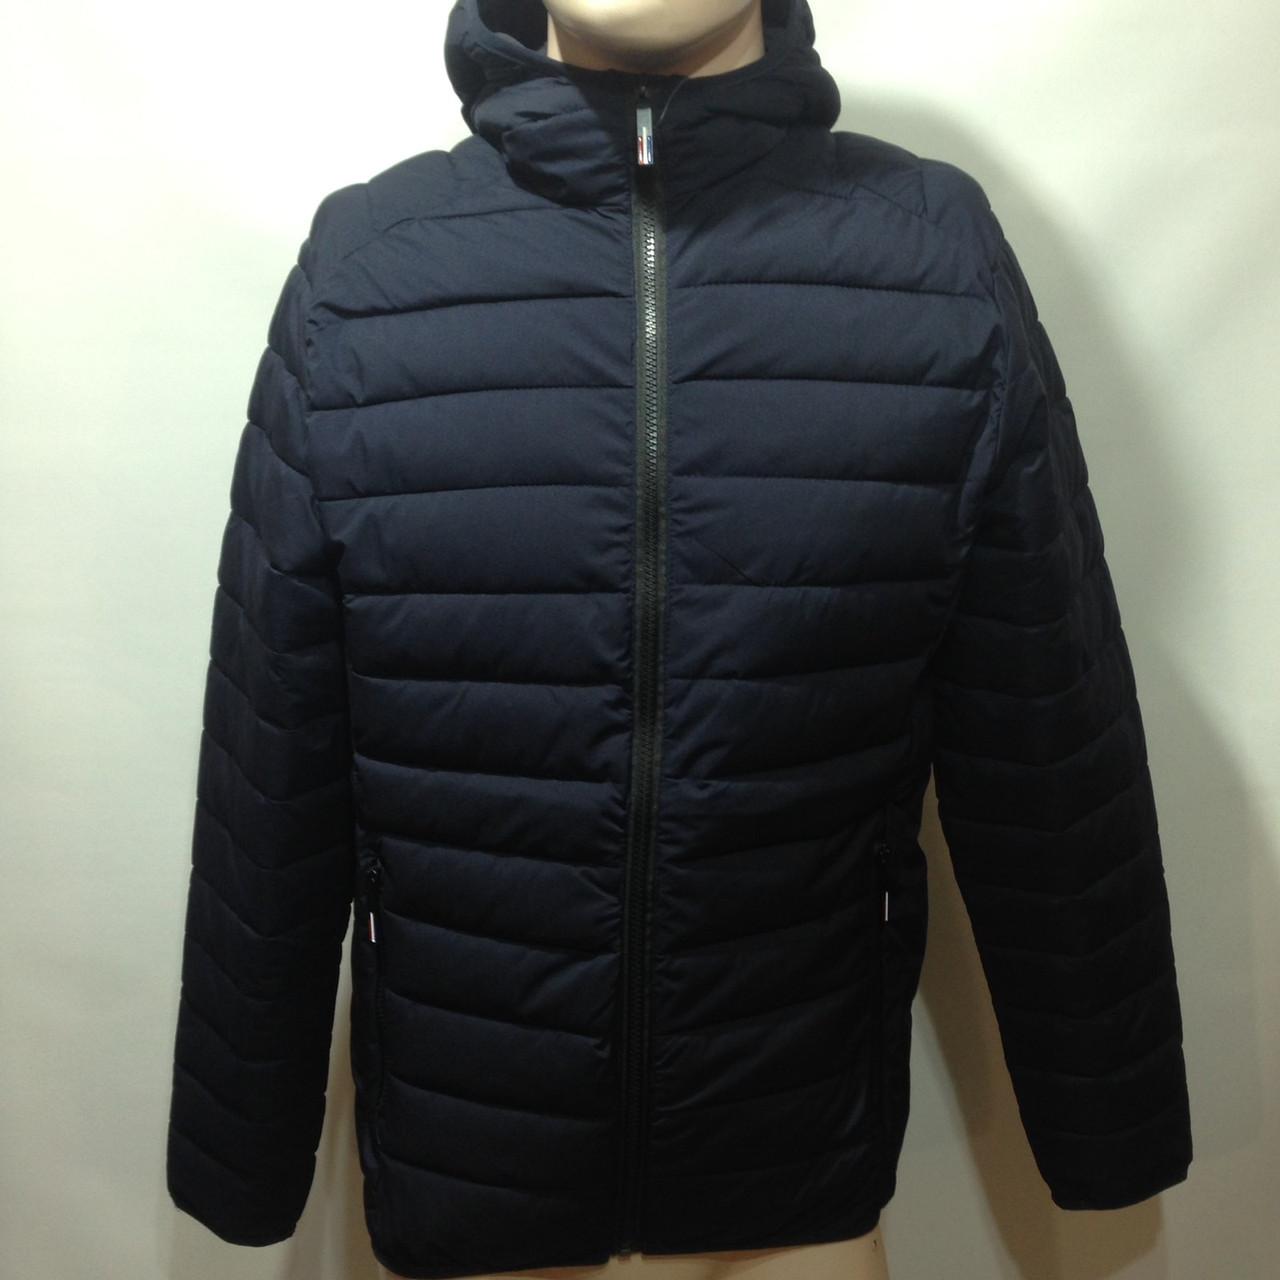 Мужская весенняя  куртка легкая синяя демисезонная куртка